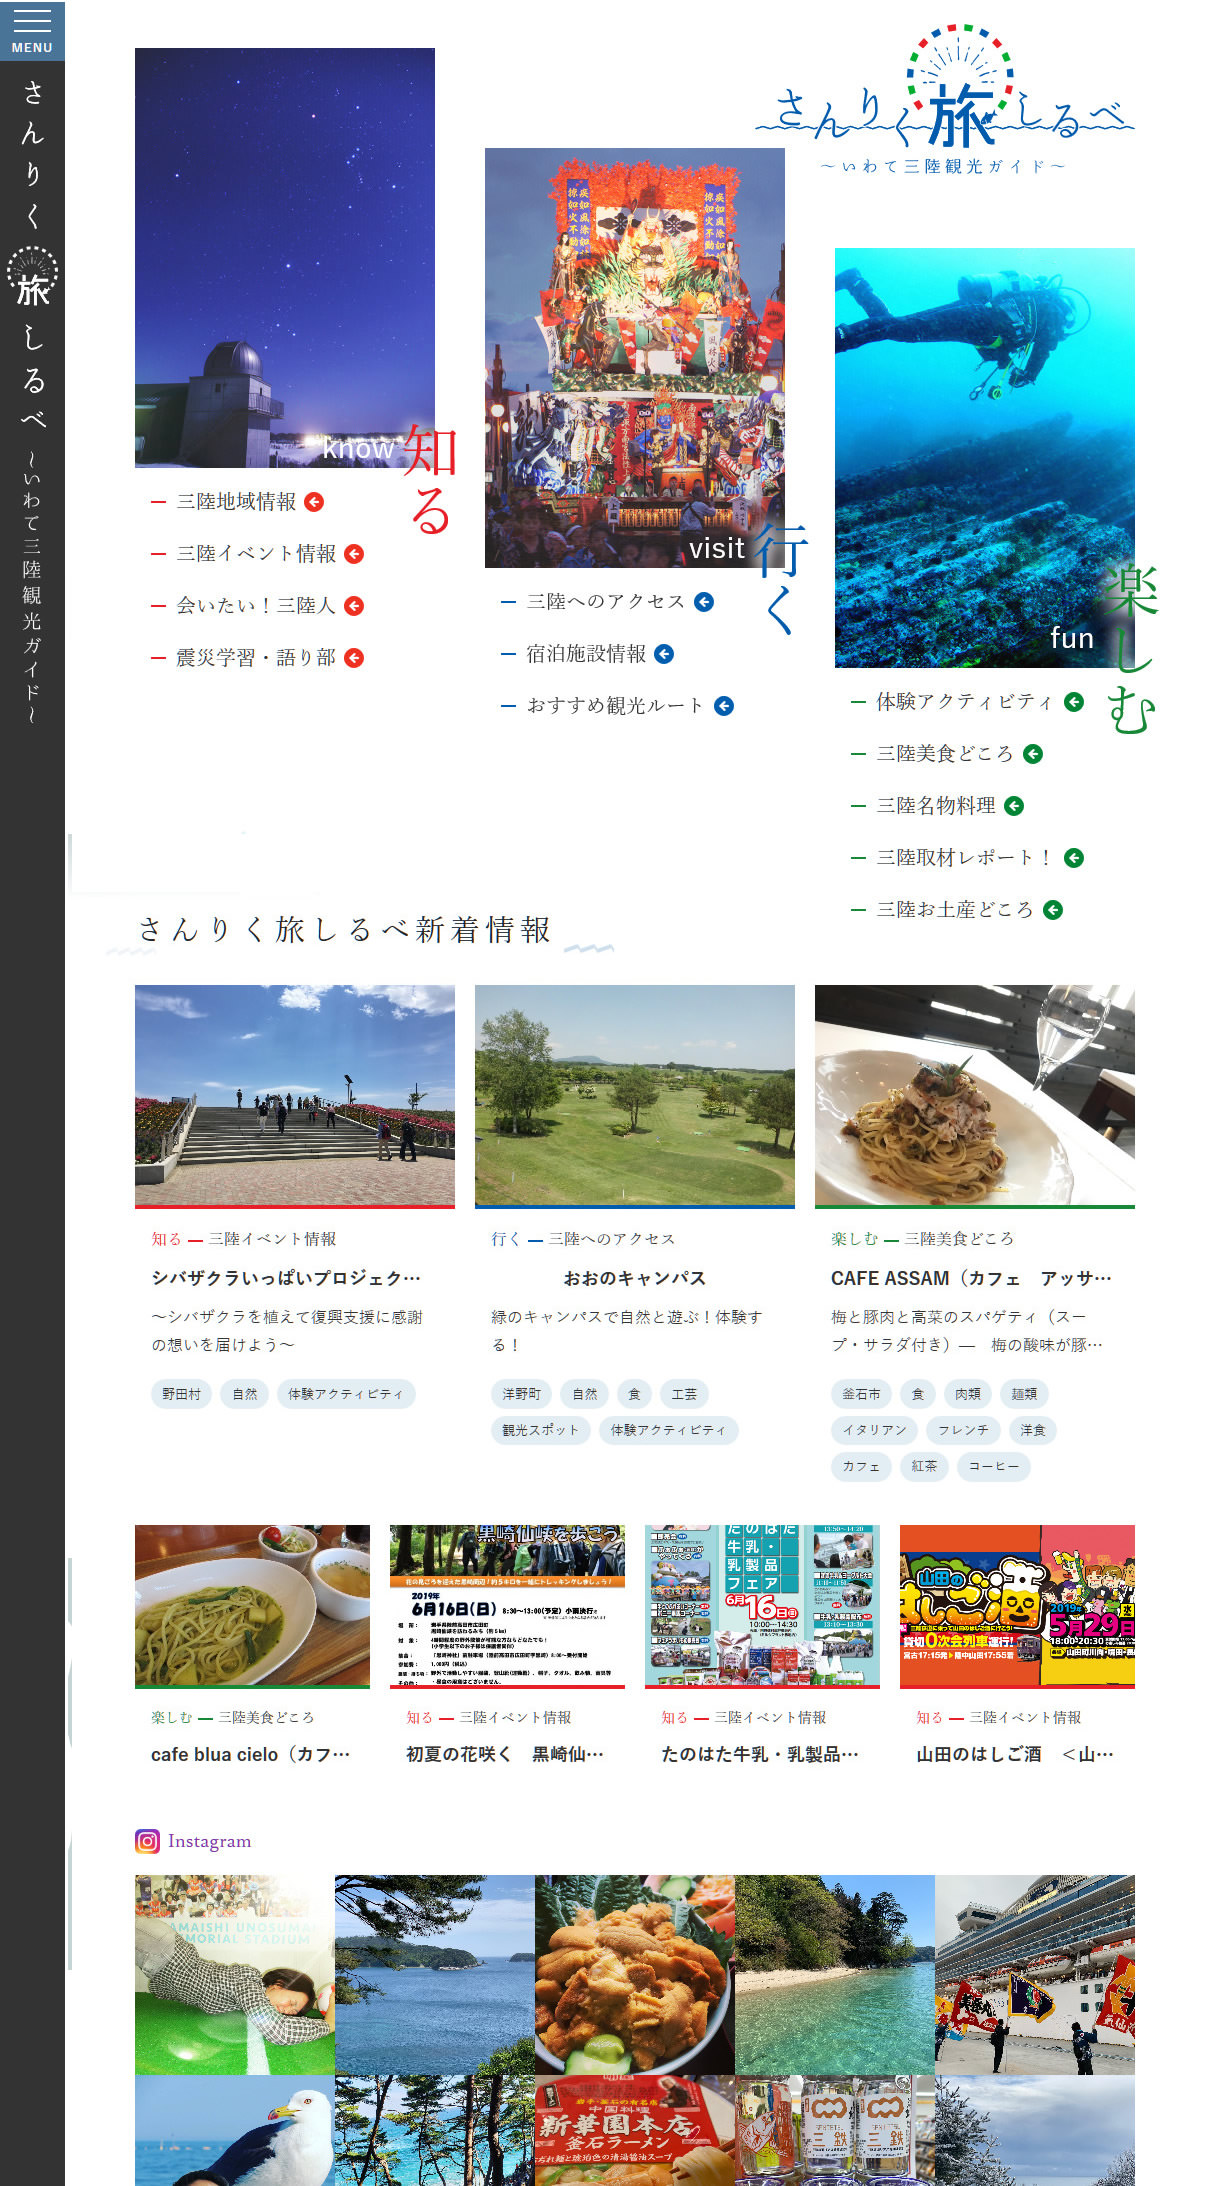 さんりく旅しるべ〜いわて三陸観光ガイド〜